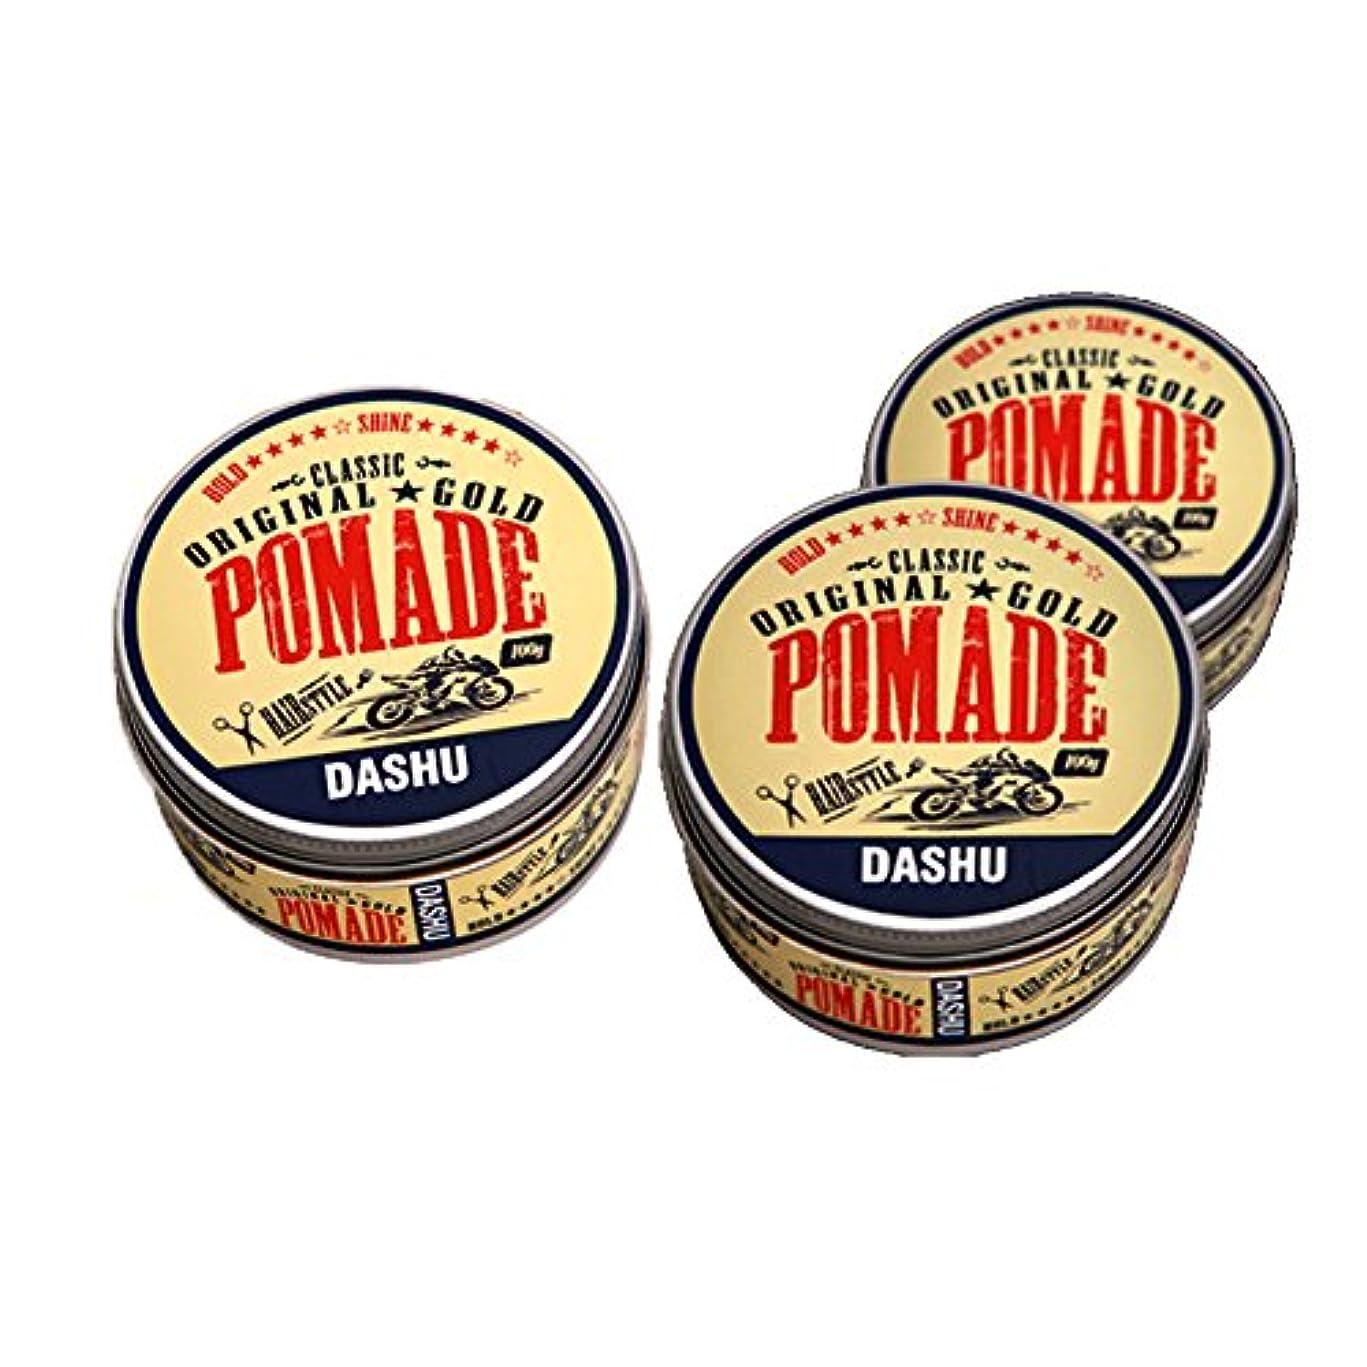 ルー閉じ込めるホイール(3個セット) x [DASHU] ダシュ クラシックオリジナルゴールドポマードヘアワックス Classic Original Gold Pomade Hair Wax 100ml / 韓国製 . 韓国直送品